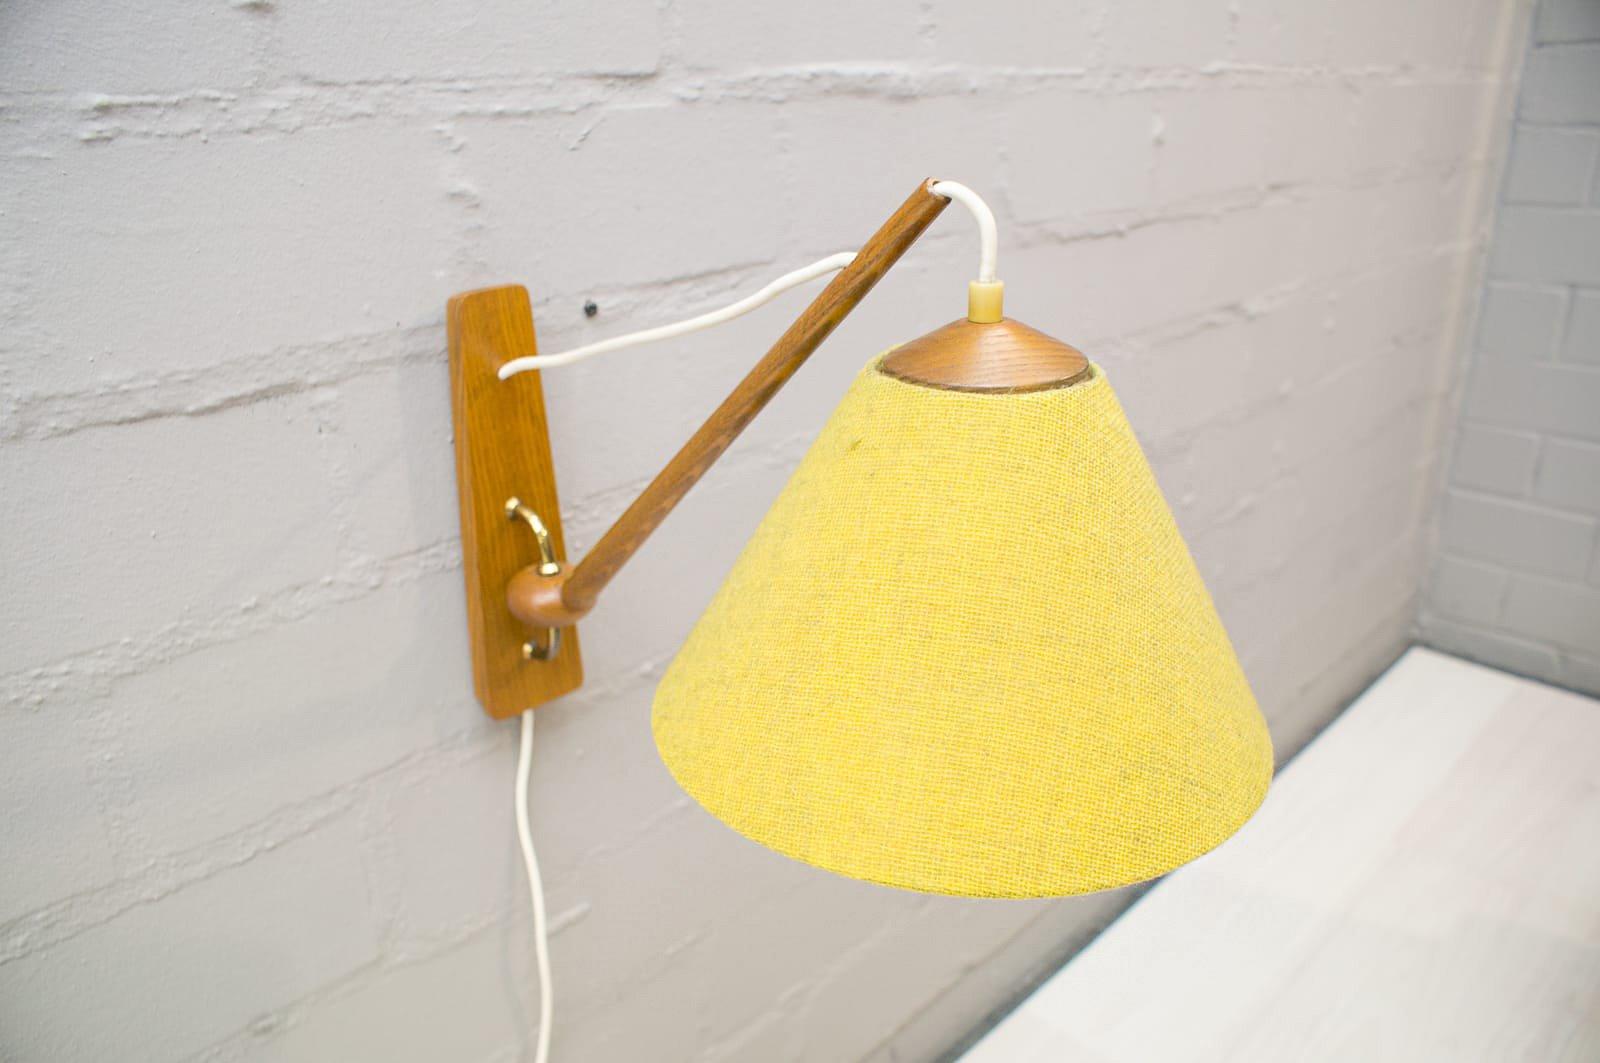 Plafoniere Da Parete In Legno : Diy lamp lampada fai da te di rmkdesign mammachecasa